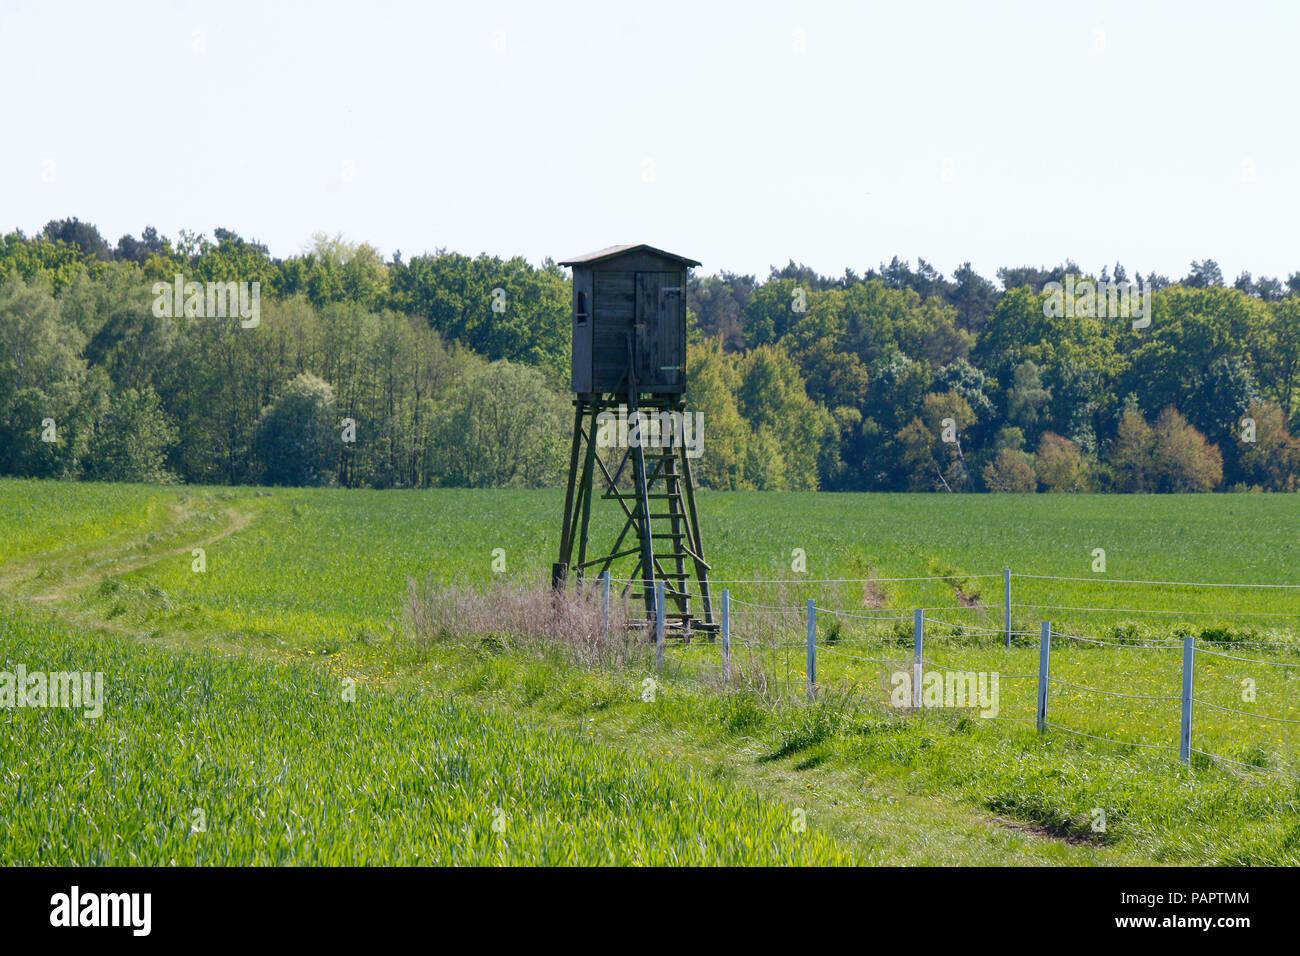 Hochstand, Muehlenbecker Land, Brandenburg. - Stock Image